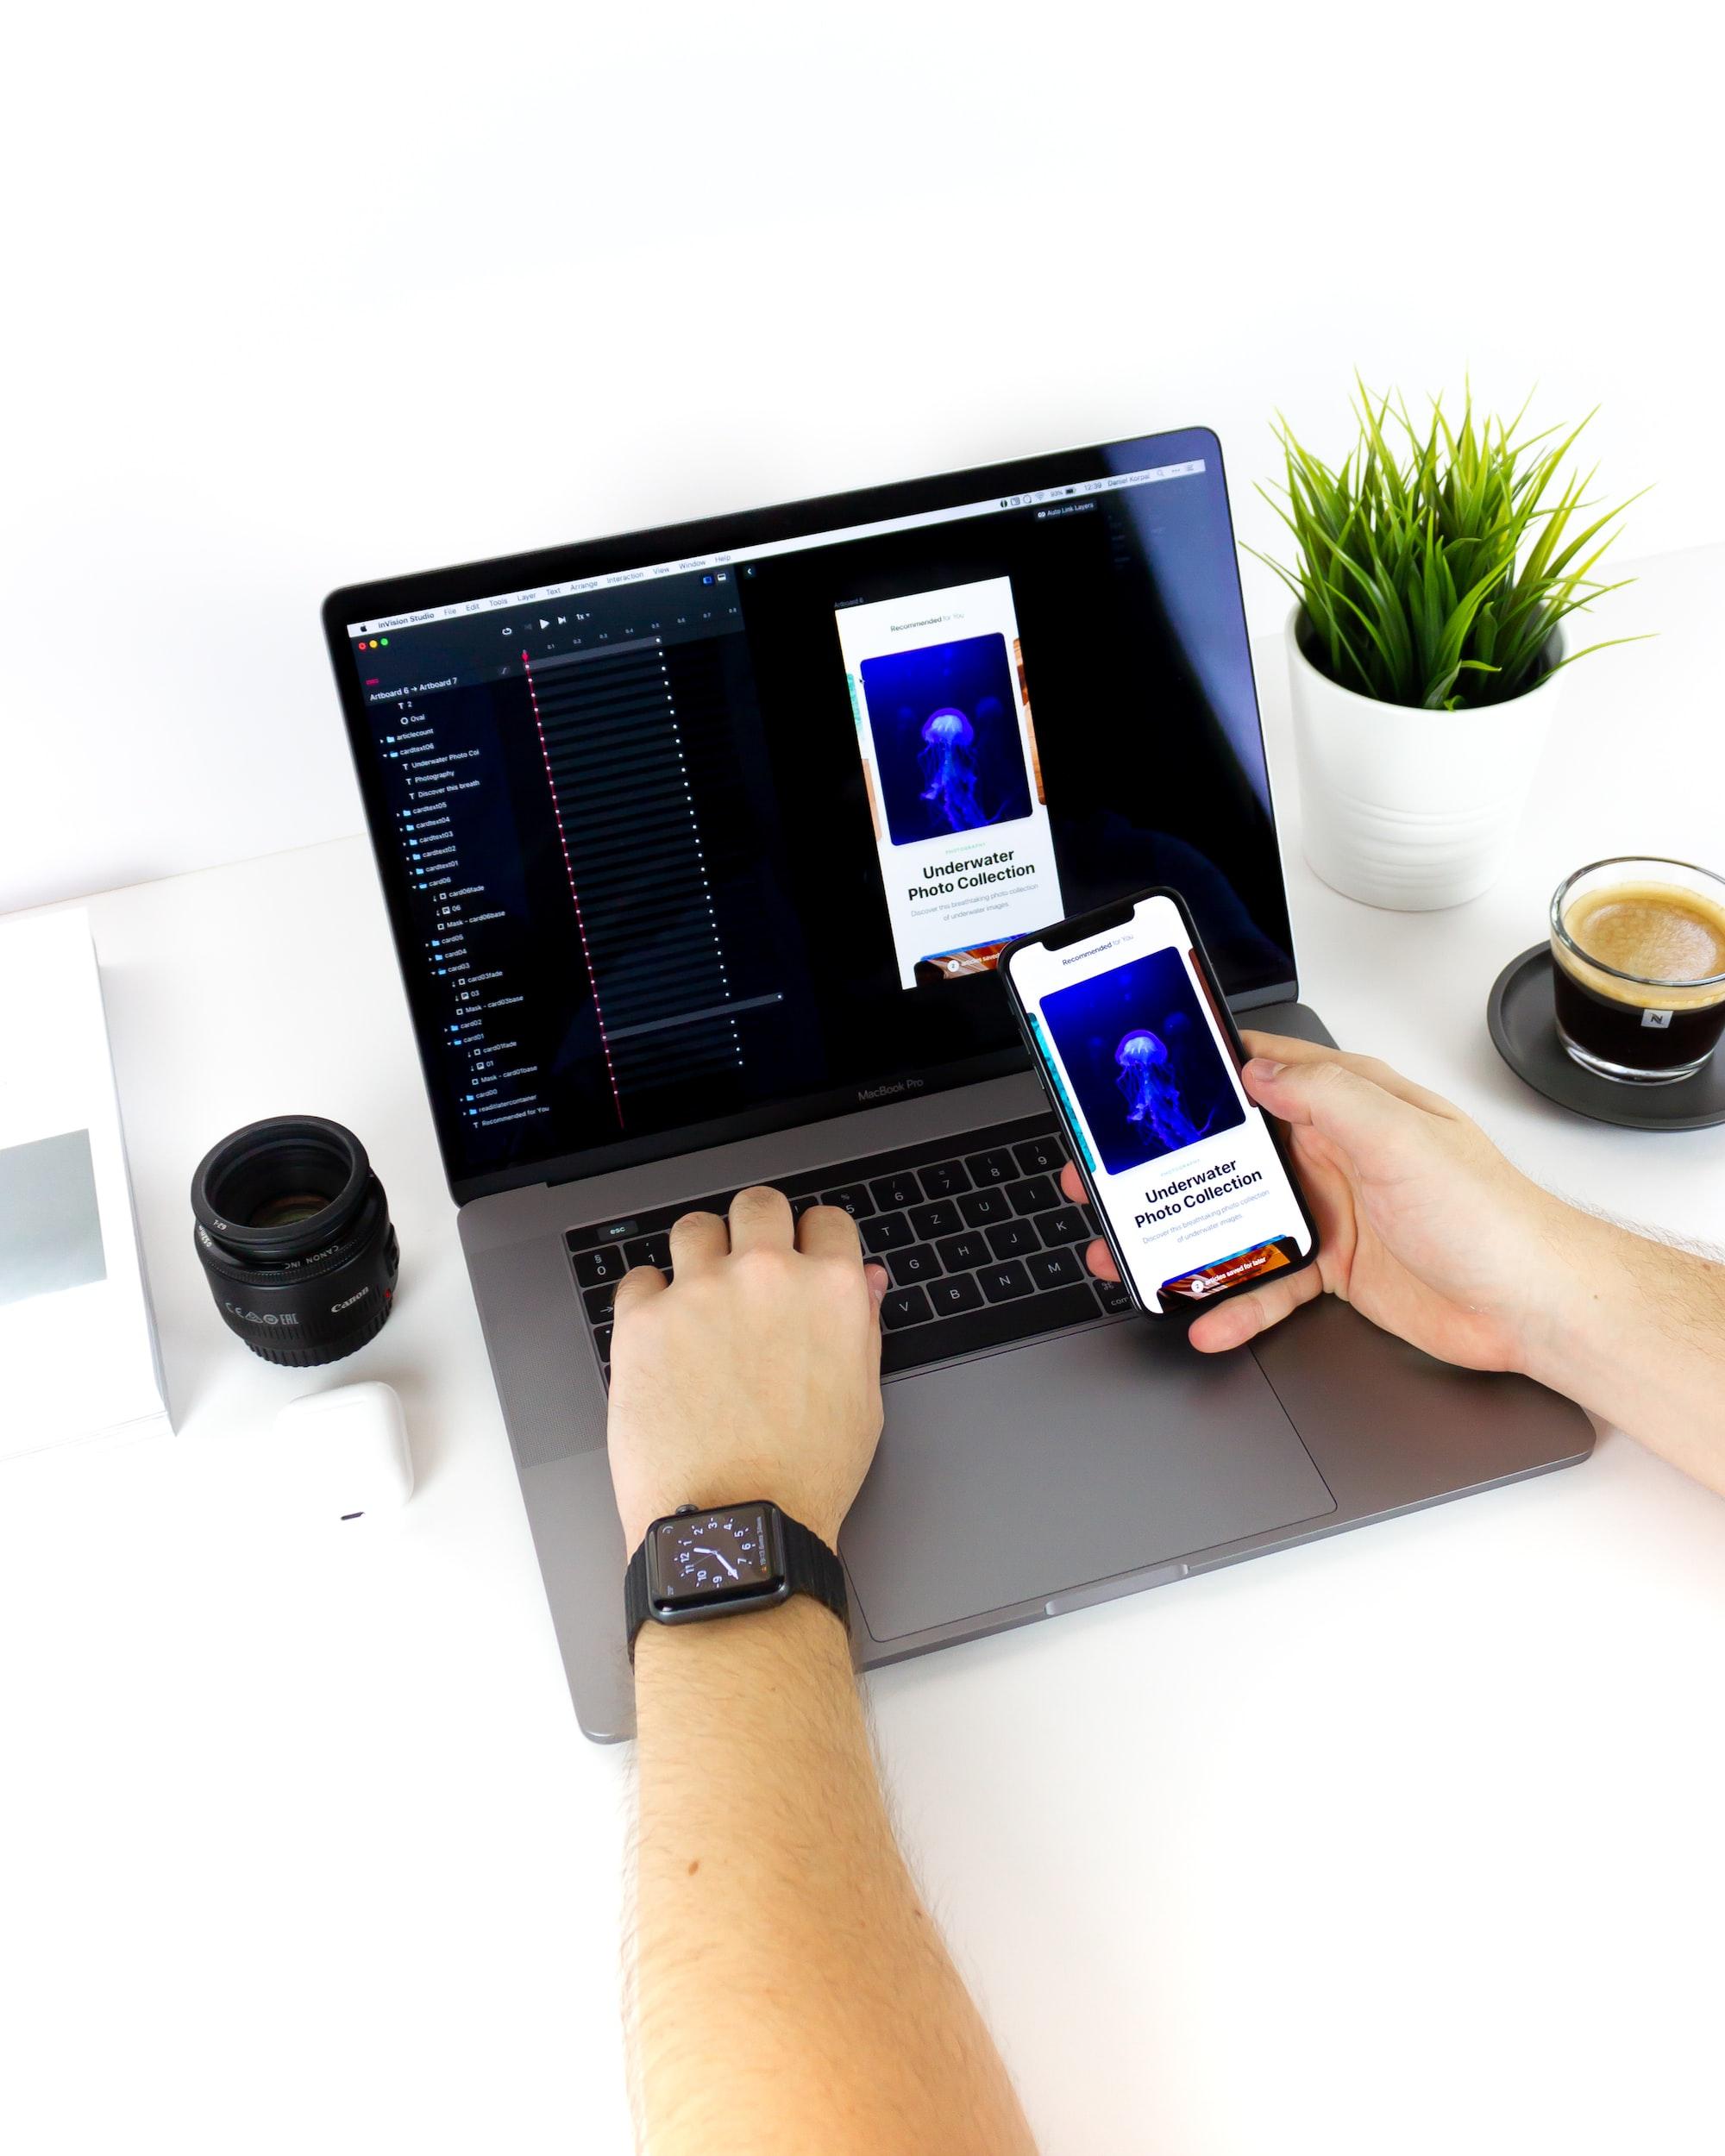 Разработка веб-приложений и веб-сайтов от WikiOur